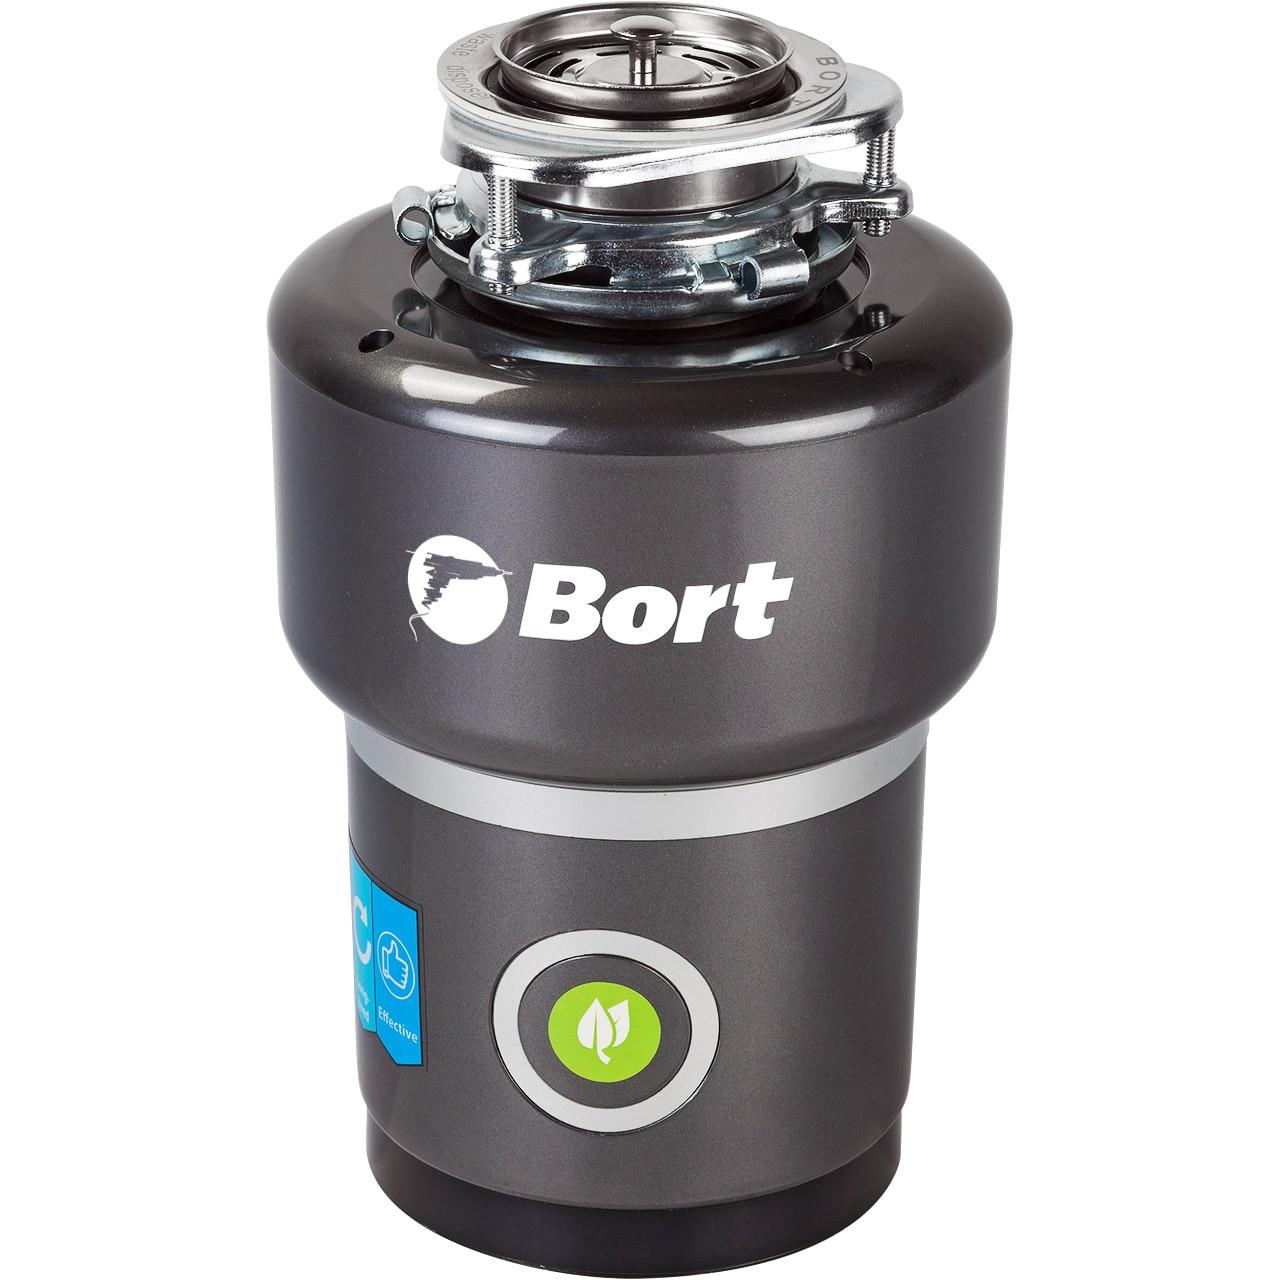 Измельчитель пищевых отходов Bort TITAN 5000 измельчитель пищевых отходов insinkerator supreme 100